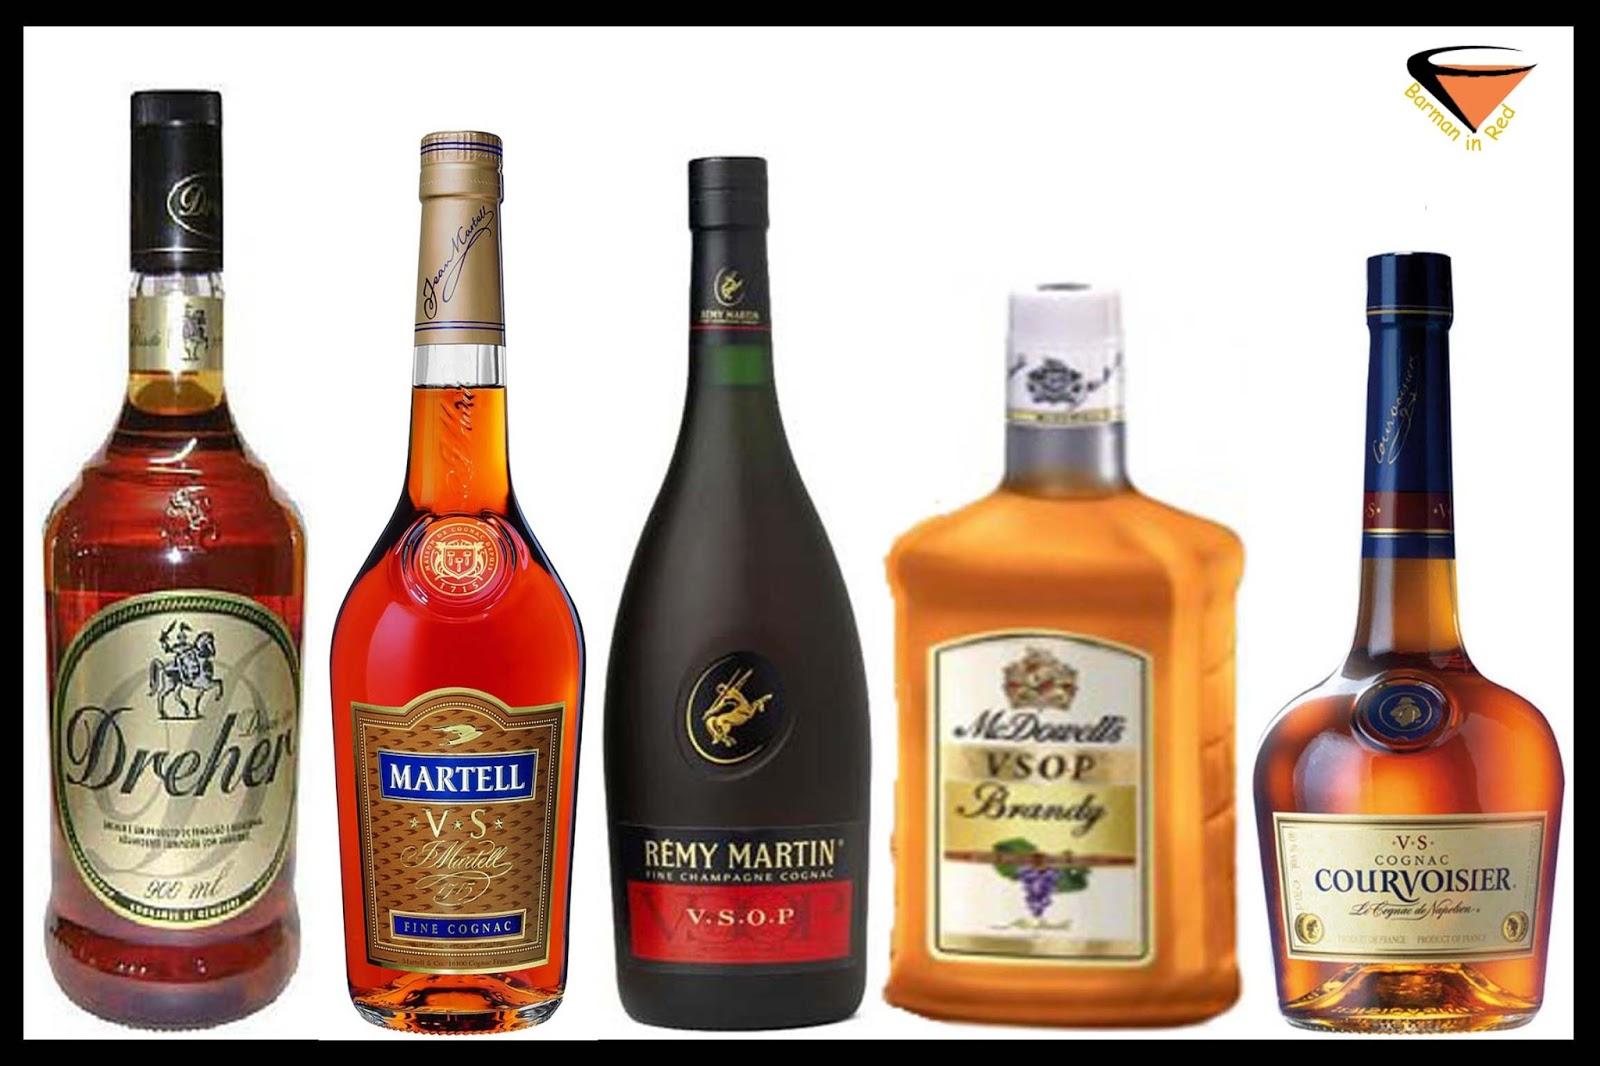 El regalo prometido el espacio del ing i guerrero for Plan de cognac